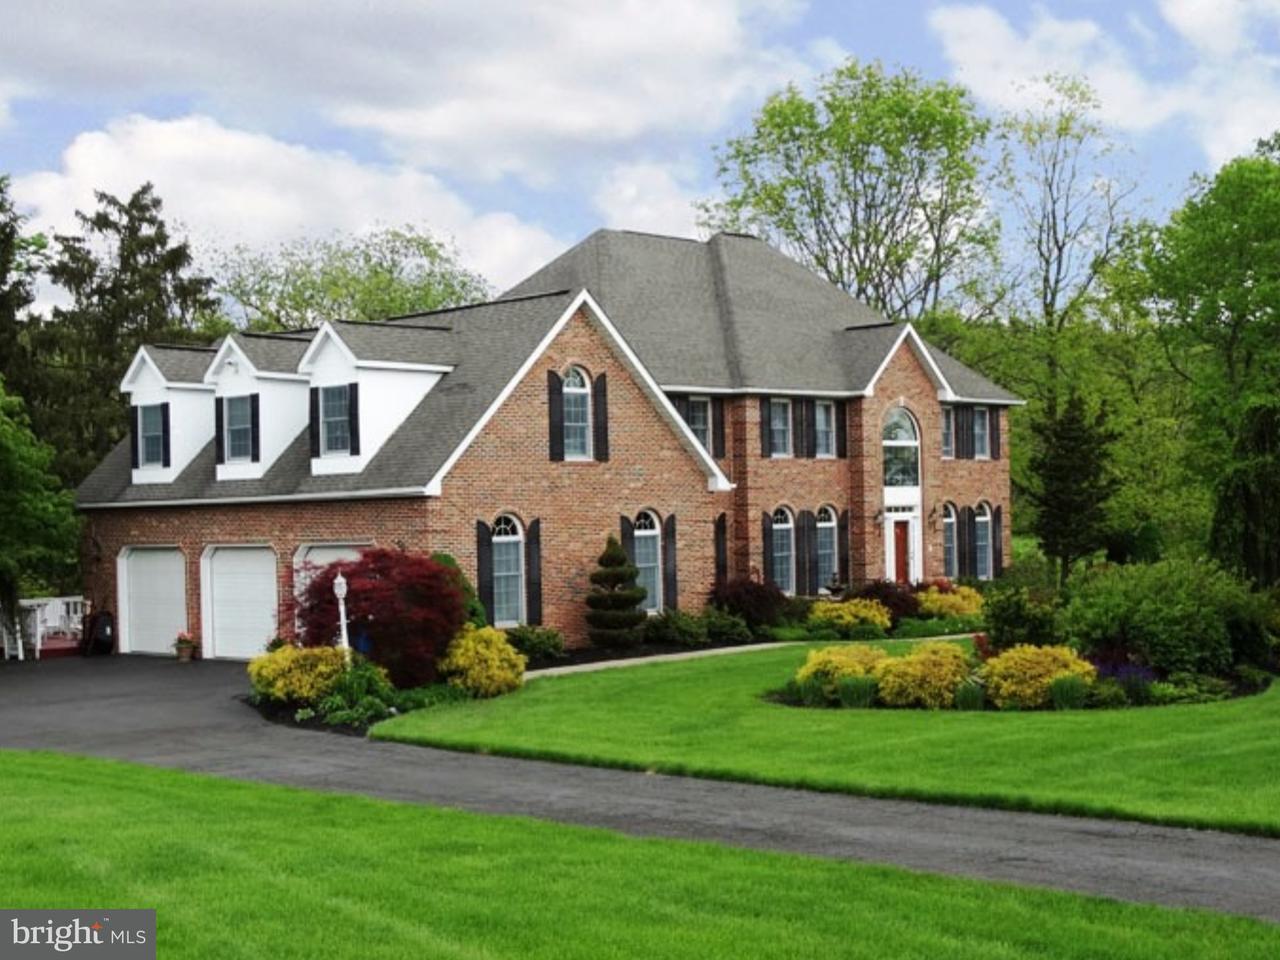 Частный односемейный дом для того Аренда на 14 DEVONSHIRE Drive New Hope, Пенсильвания 18938 Соединенные ШтатыВ/Около: Solebury Township